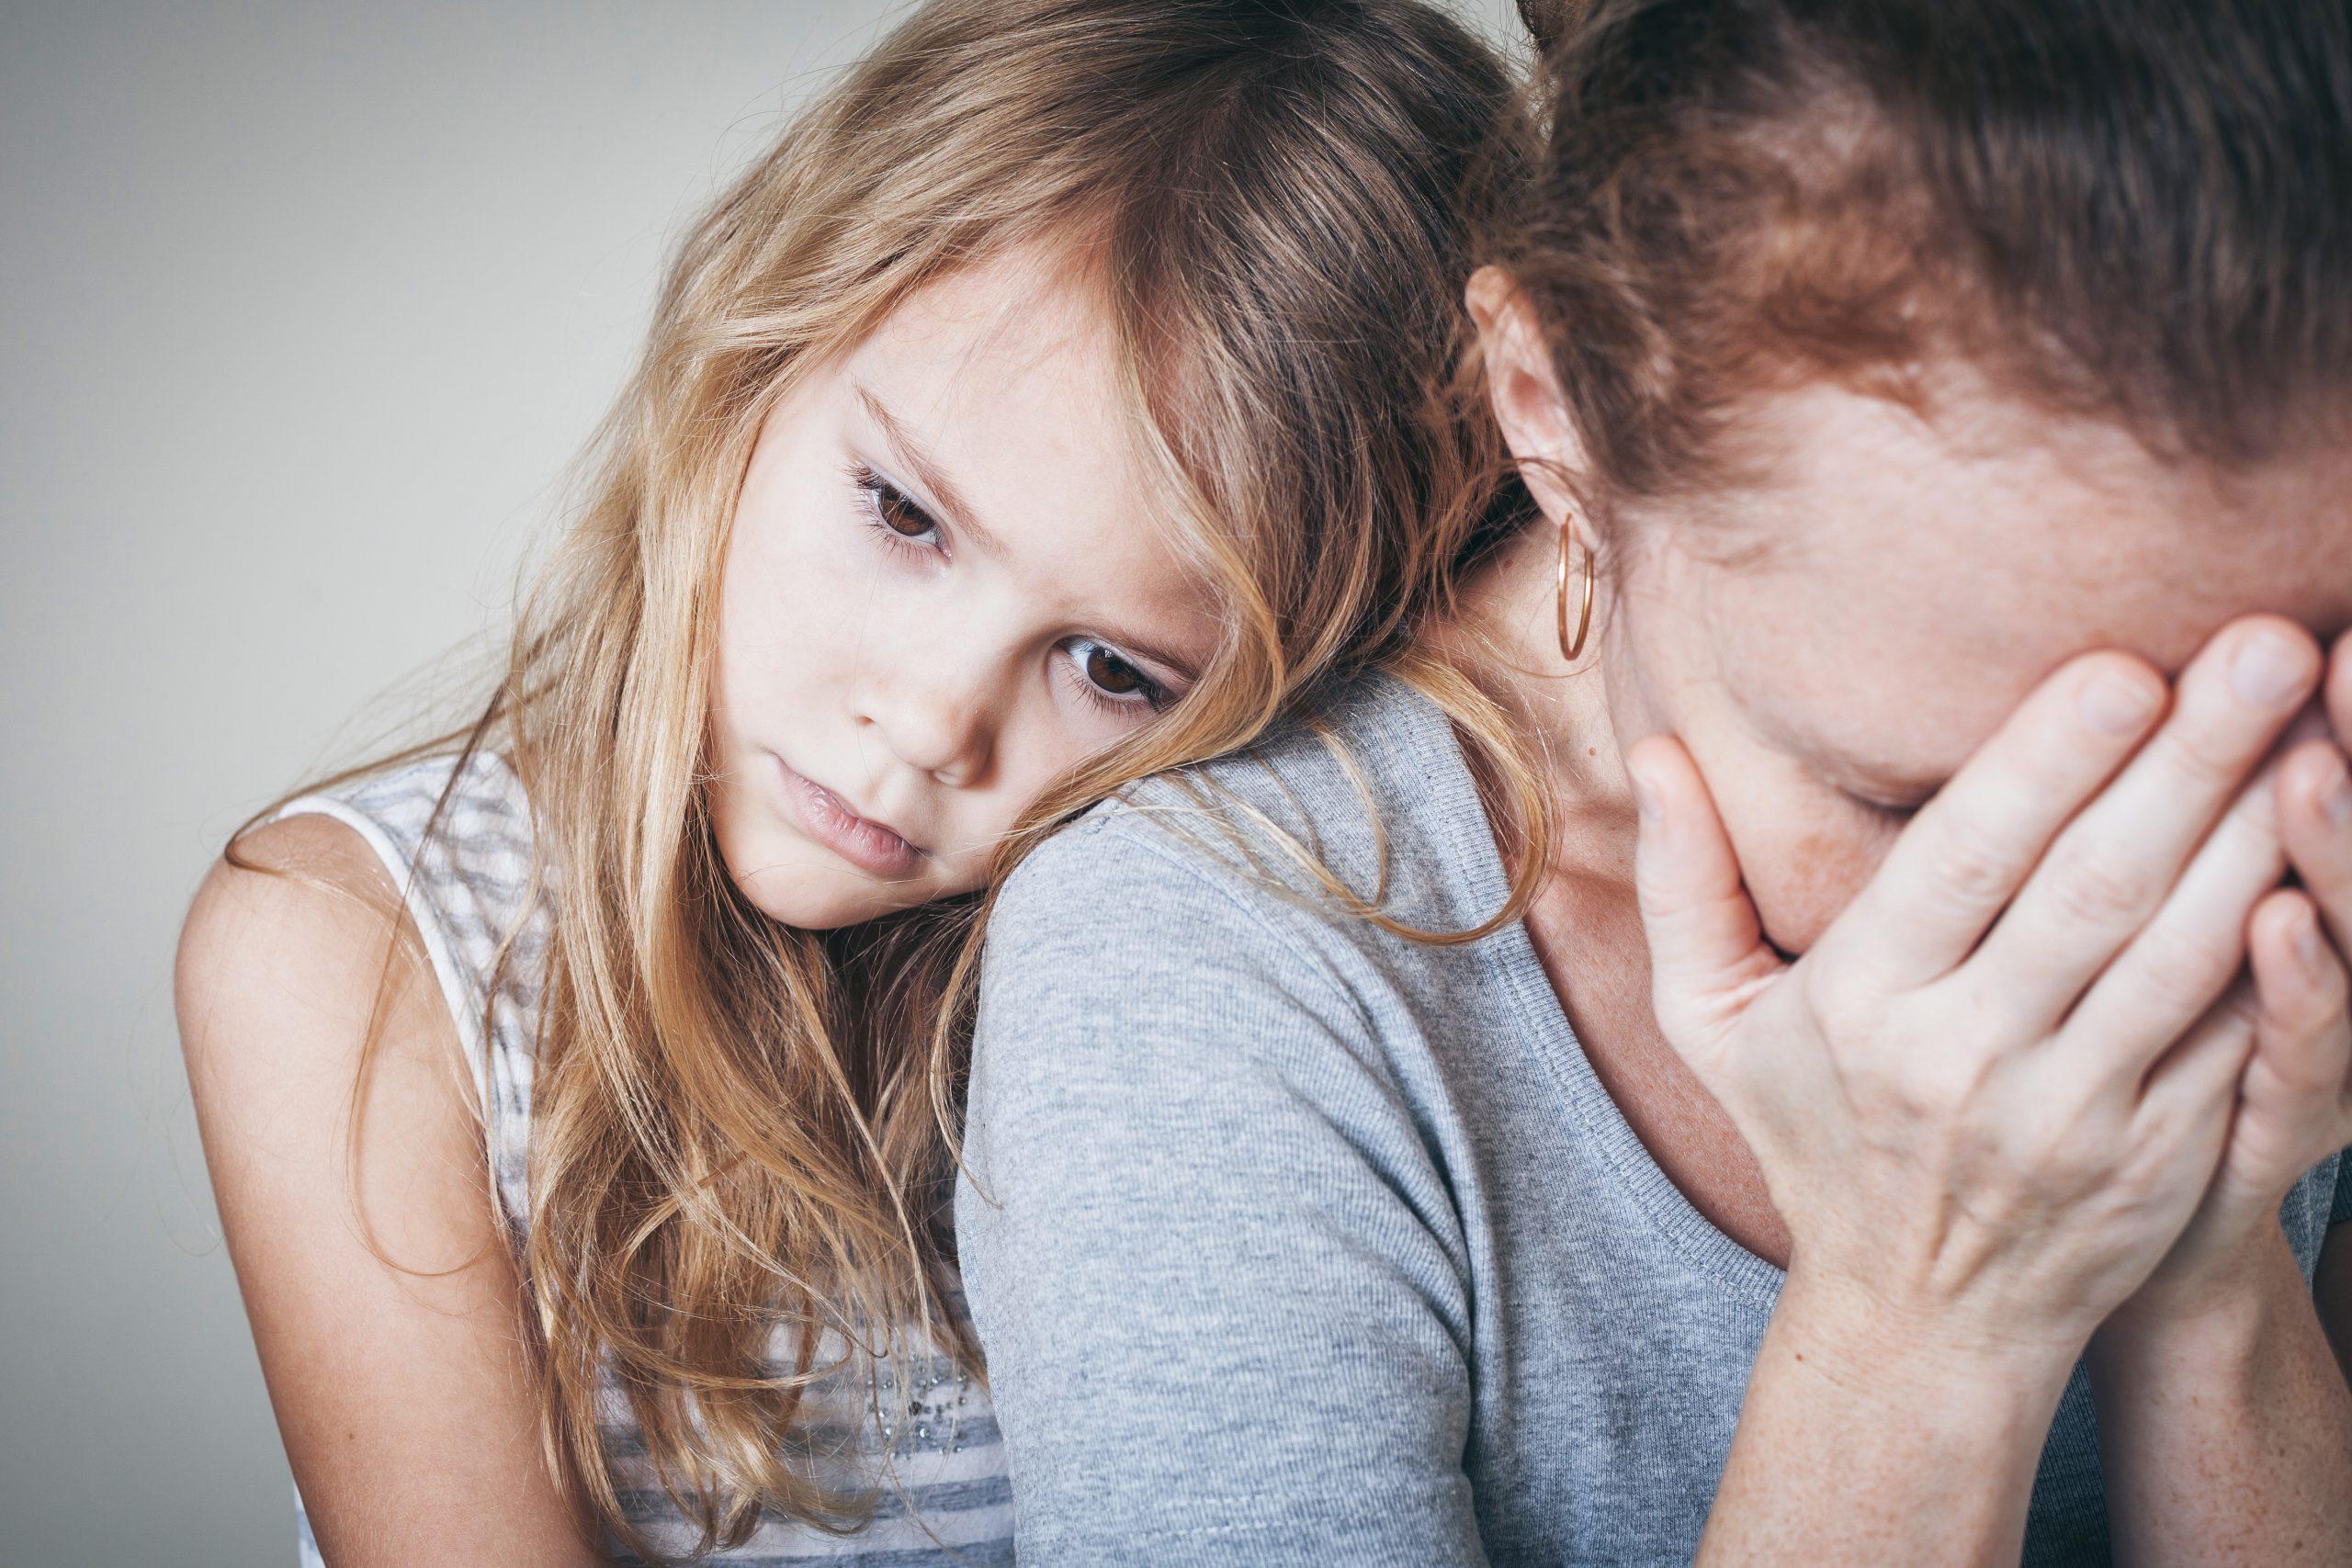 Vaspitanje dece dete roditelj majka mama